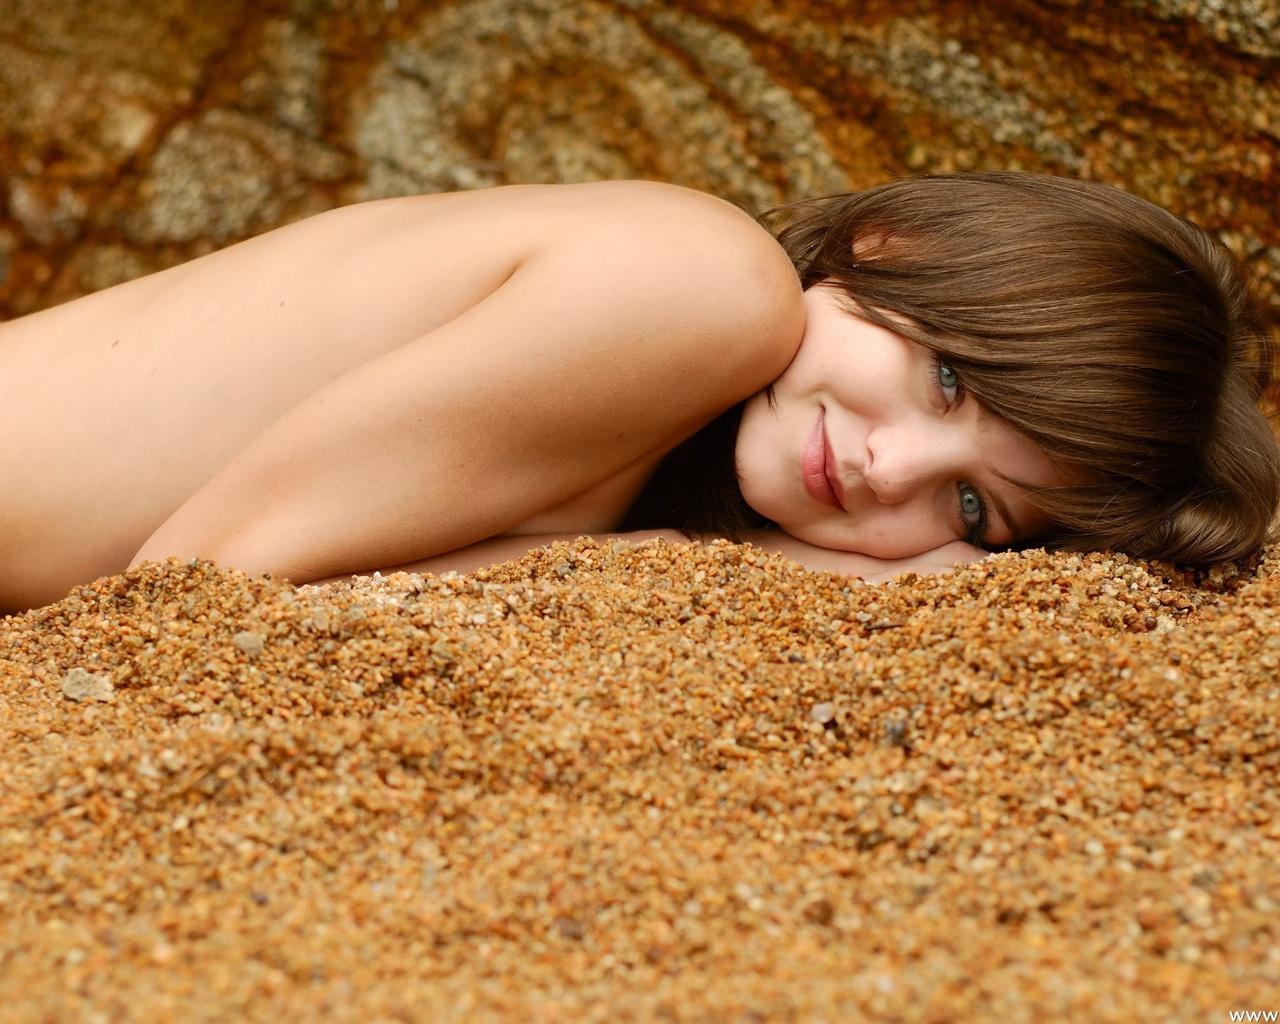 высокого качества фото красивая голая